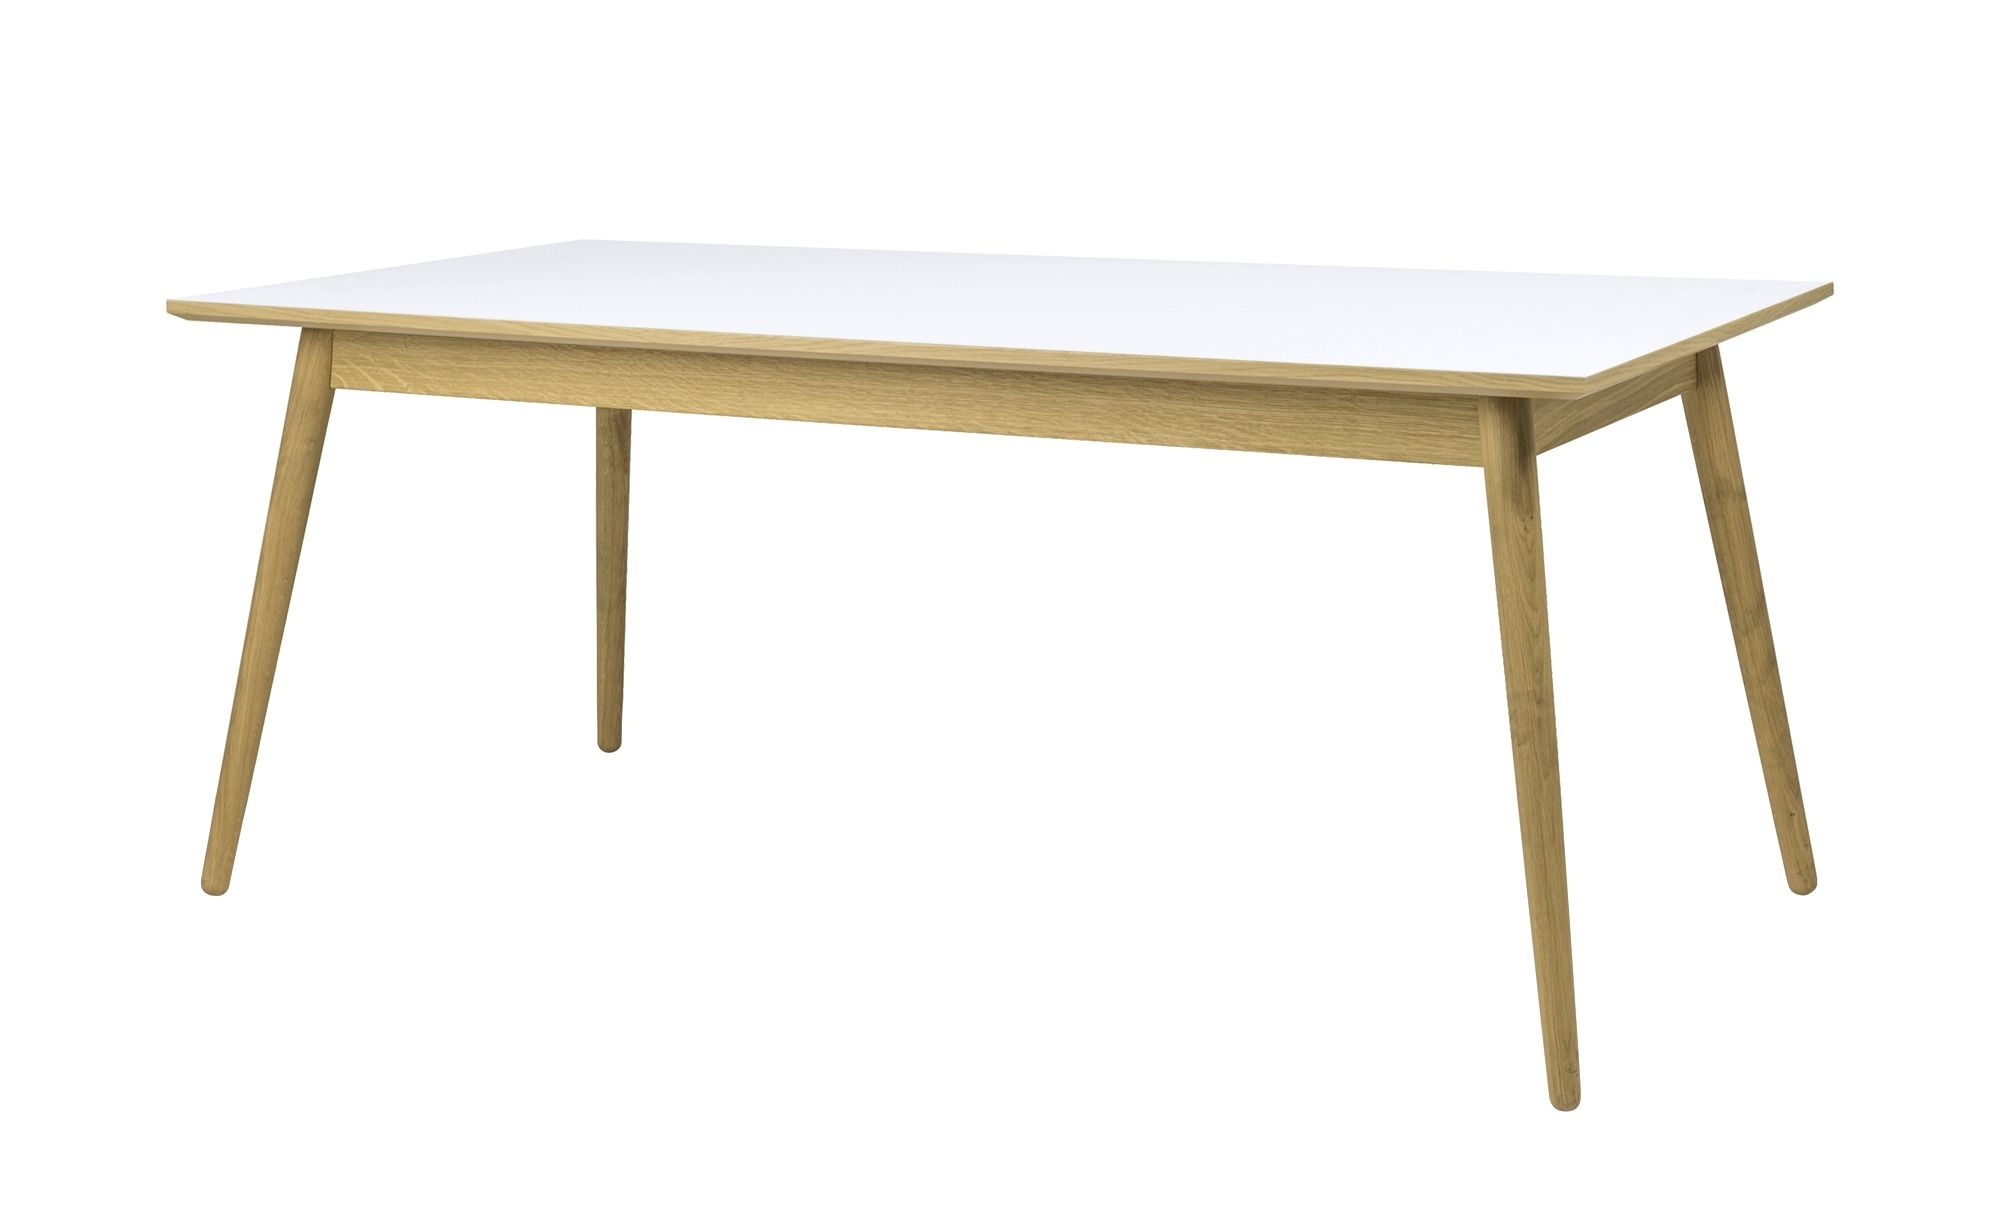 Roomers Esstisch Scan Mehrfarbig Masse Cm B 90 H 75 Tische